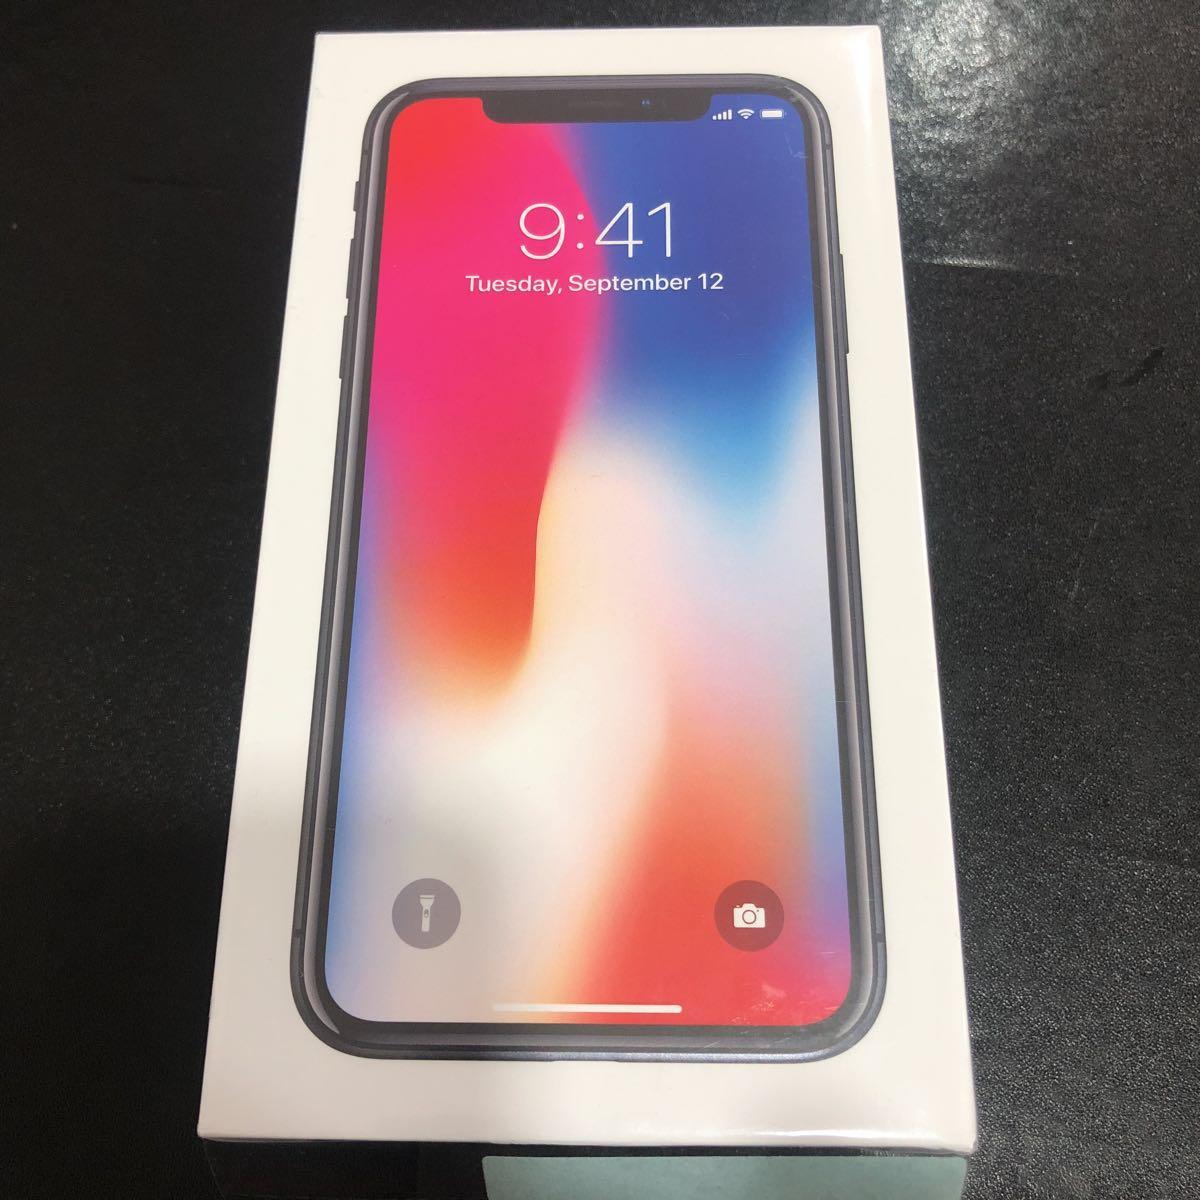 消音可能 新品未開封 iPhoneX 64GB スペースグレー 海外製 SIMフリー 未使用 シャッター音無し 売り切り MQAC2TA/A ☆